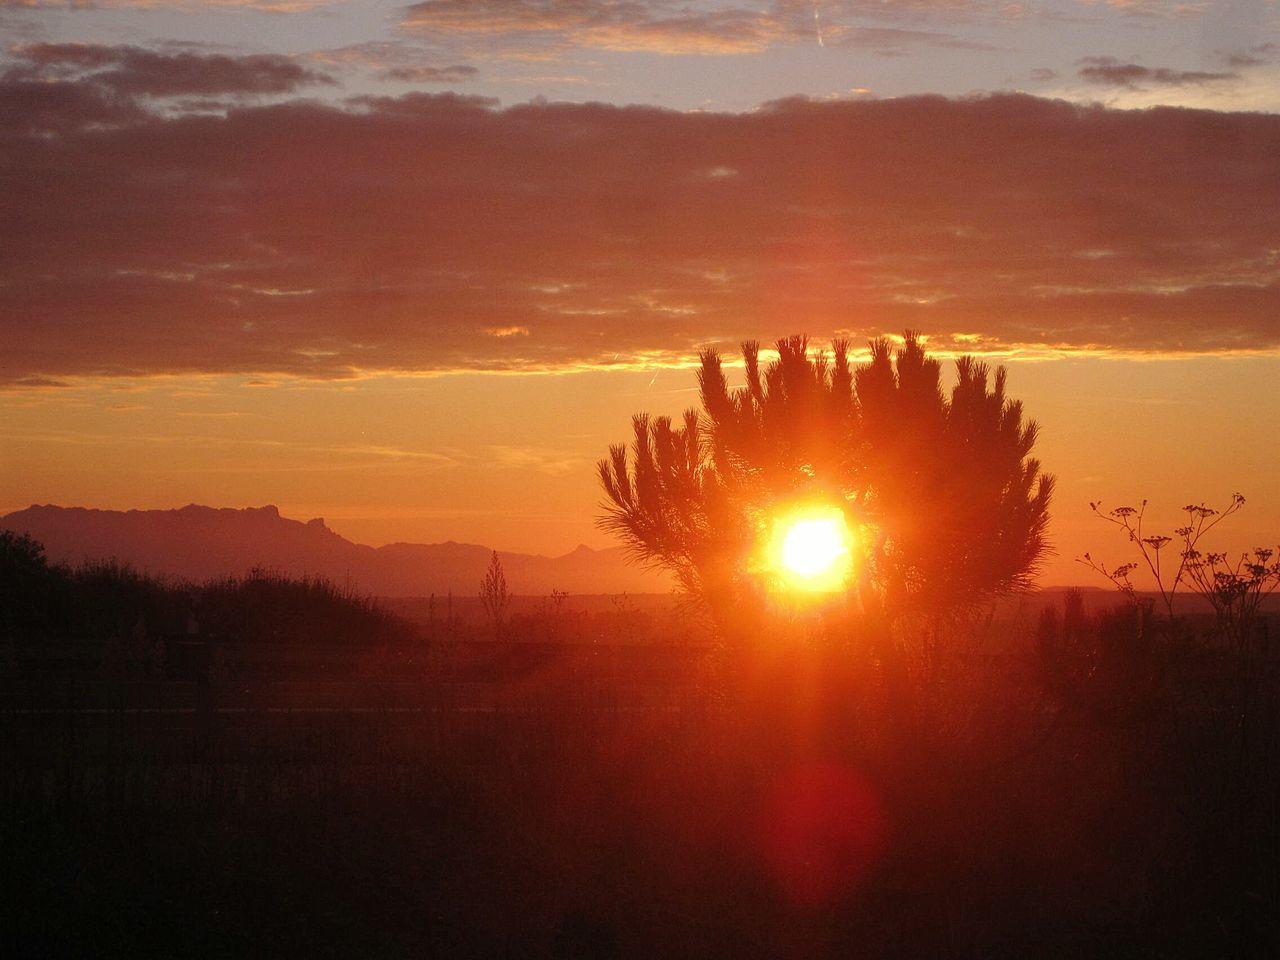 Sunrise_sunsets_aroundworld, Sunrise , El Camino De Santiago , CaminodeSantiago Fire Sunrise